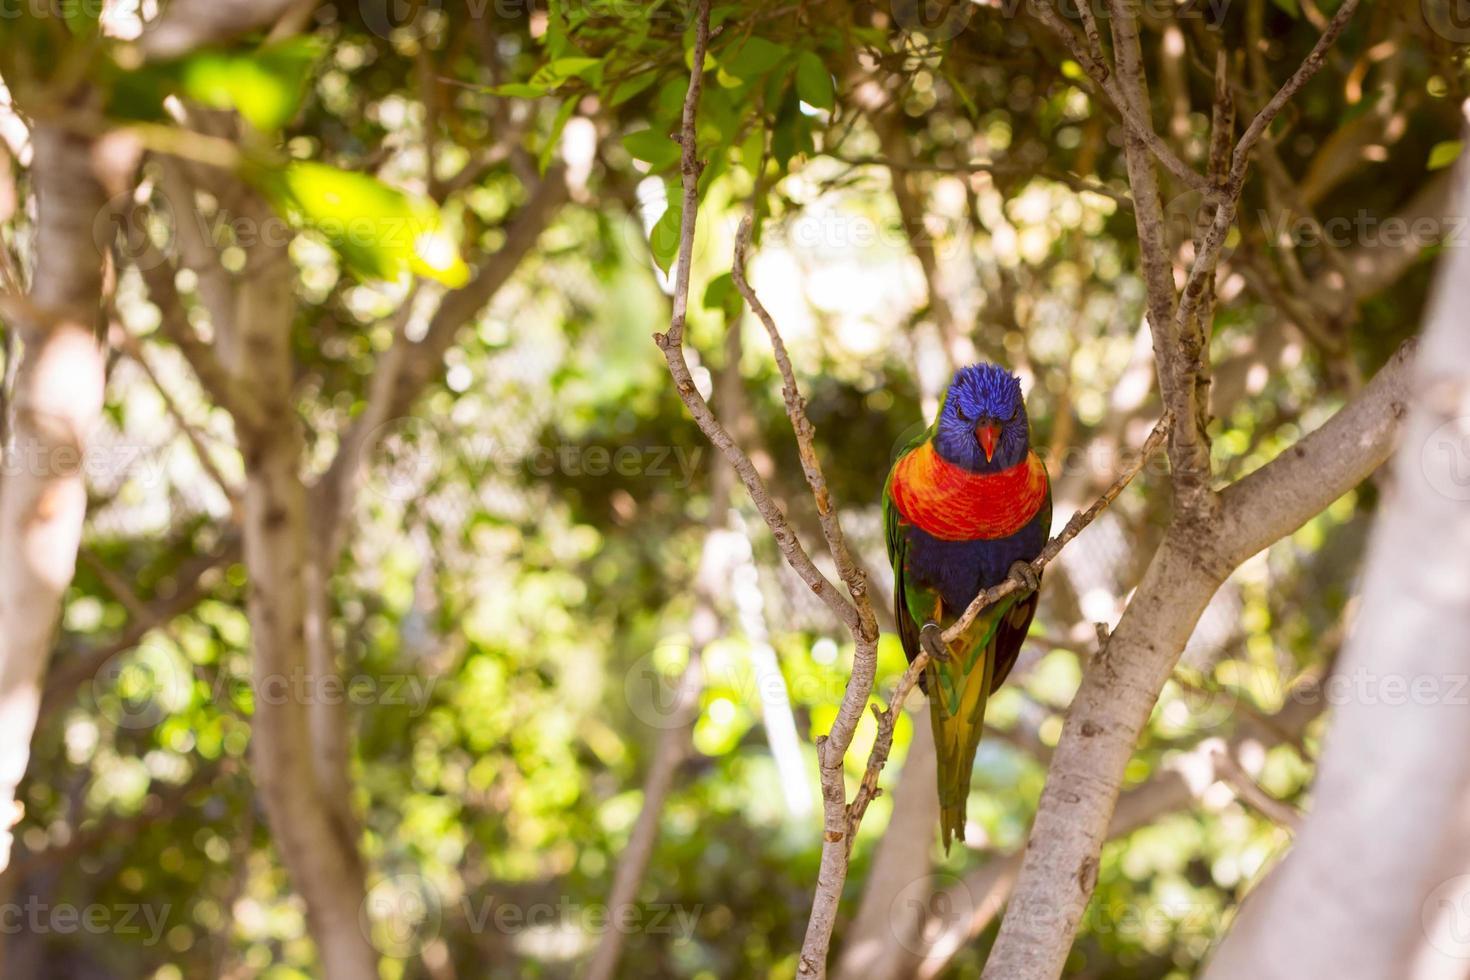 papagaio brilhante no parque loro foto